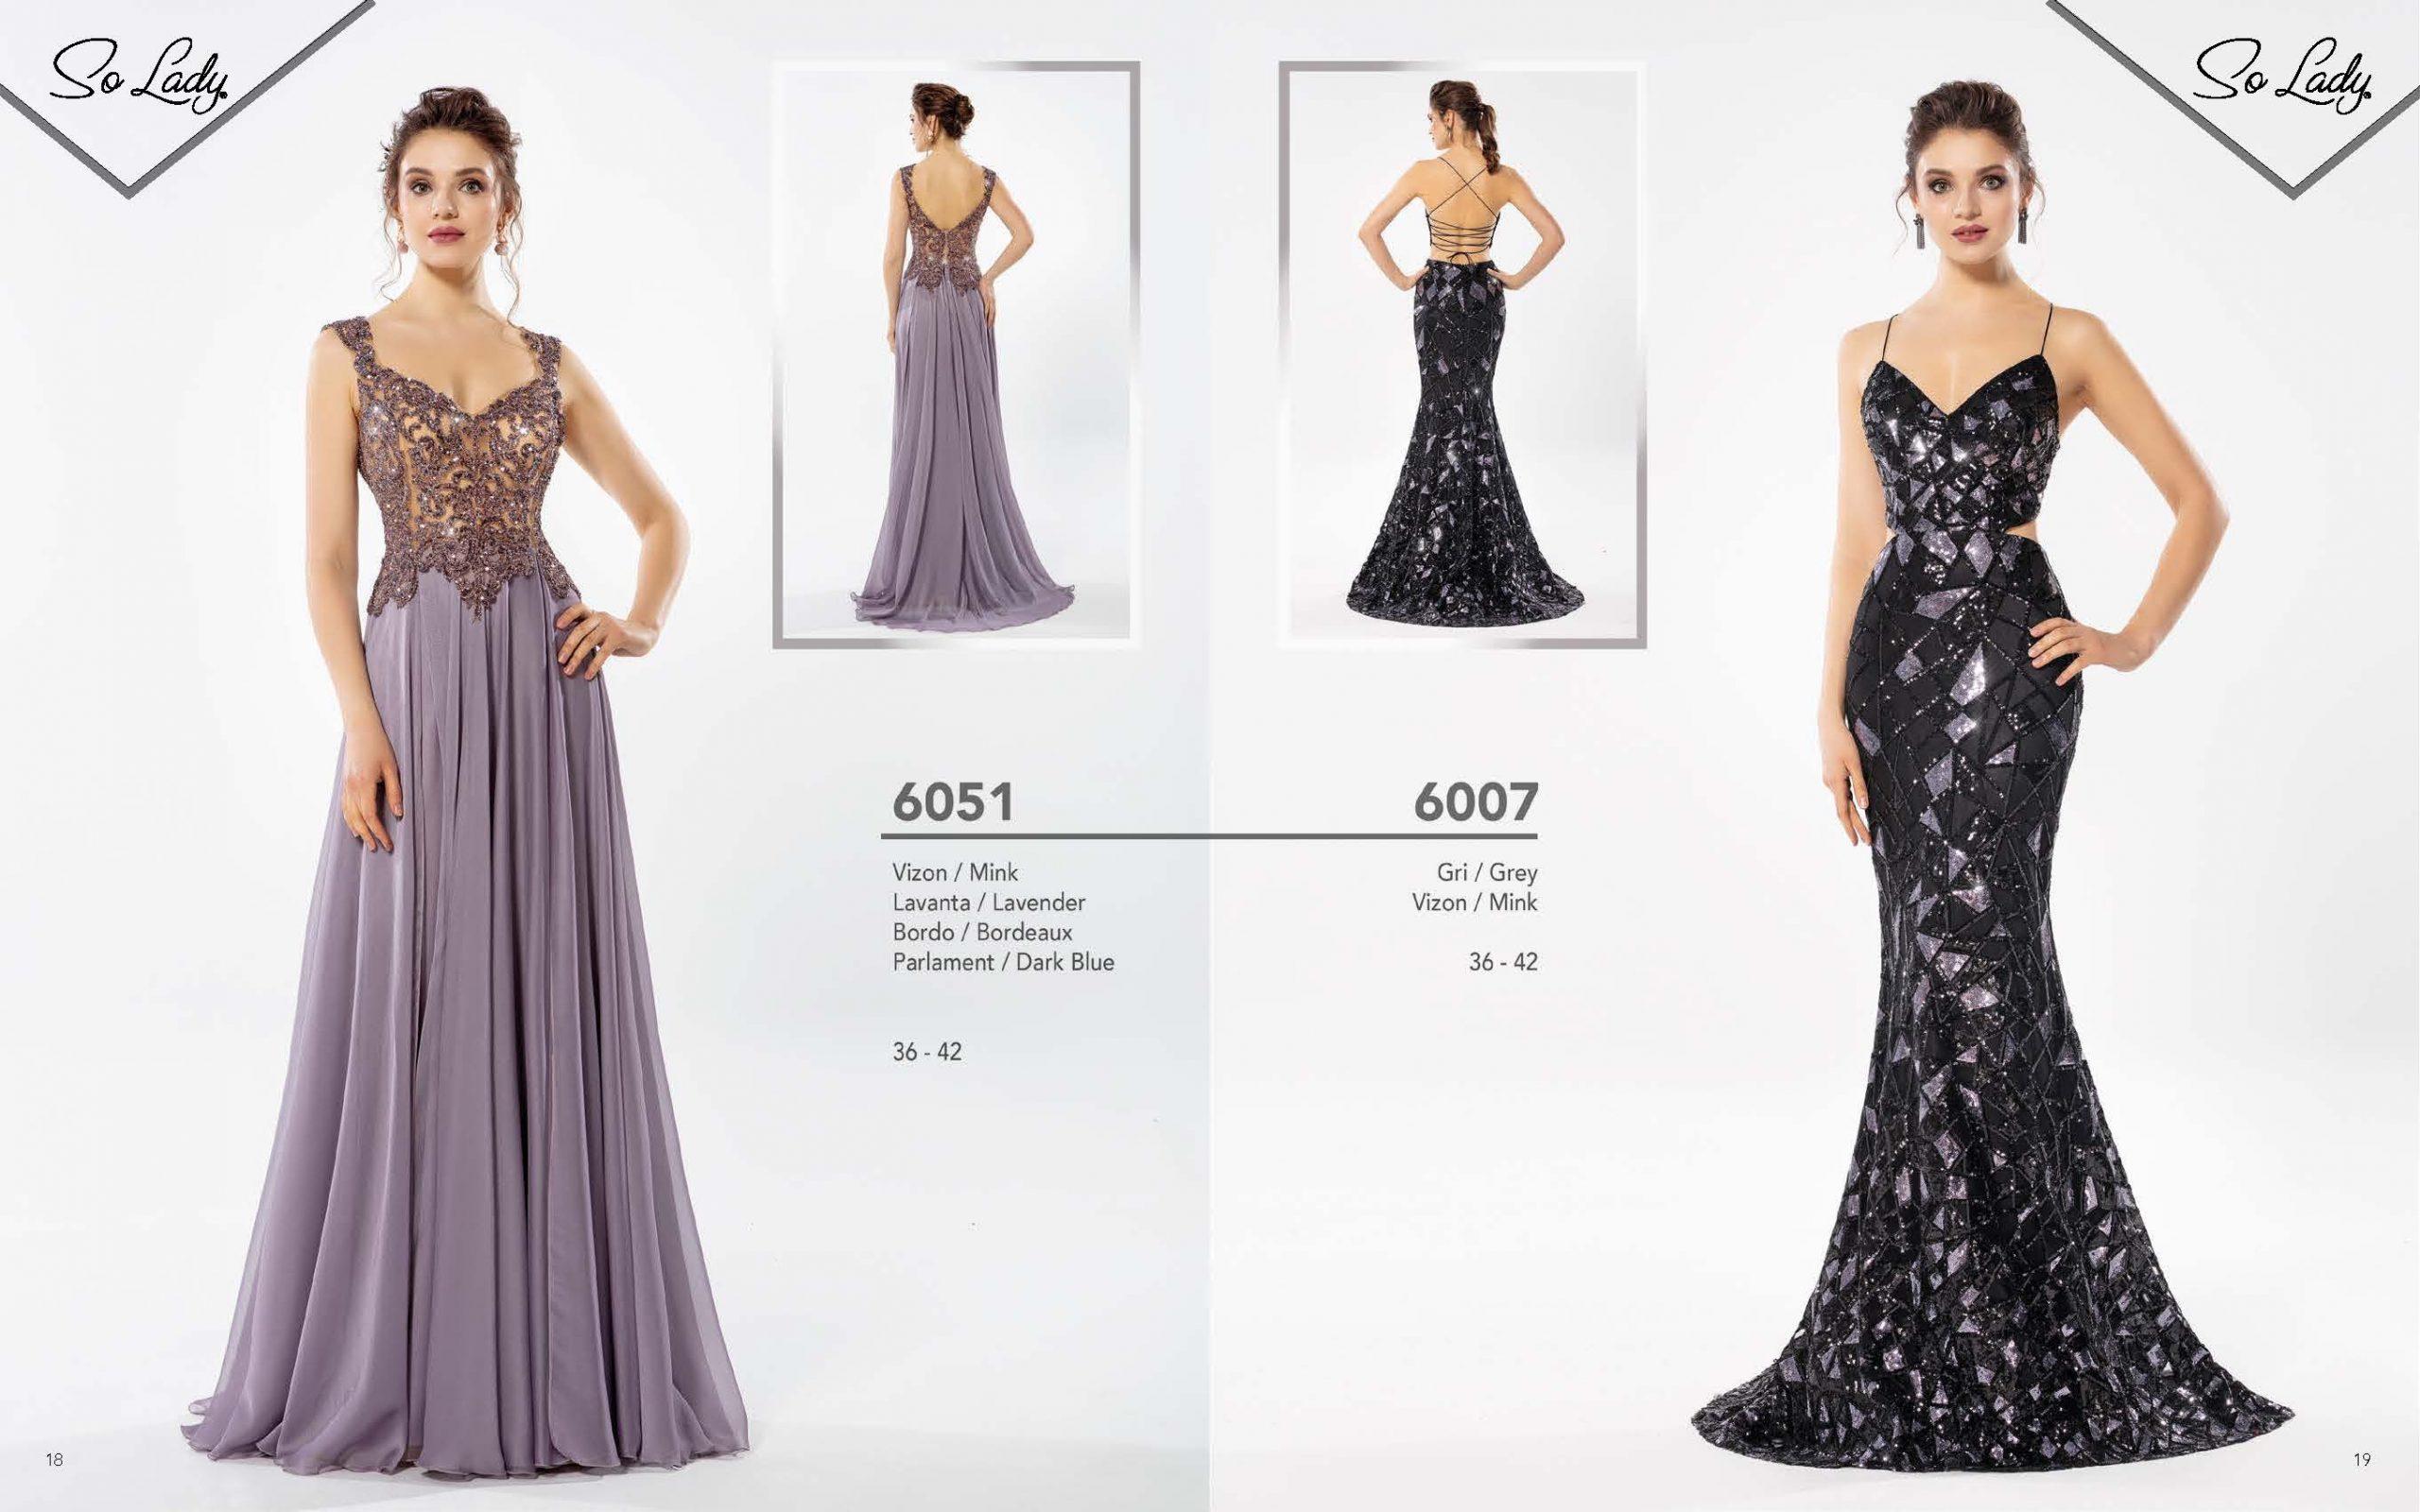 10 Erstaunlich Abendkleider Nürnberg Galerie13 Einfach Abendkleider Nürnberg Vertrieb